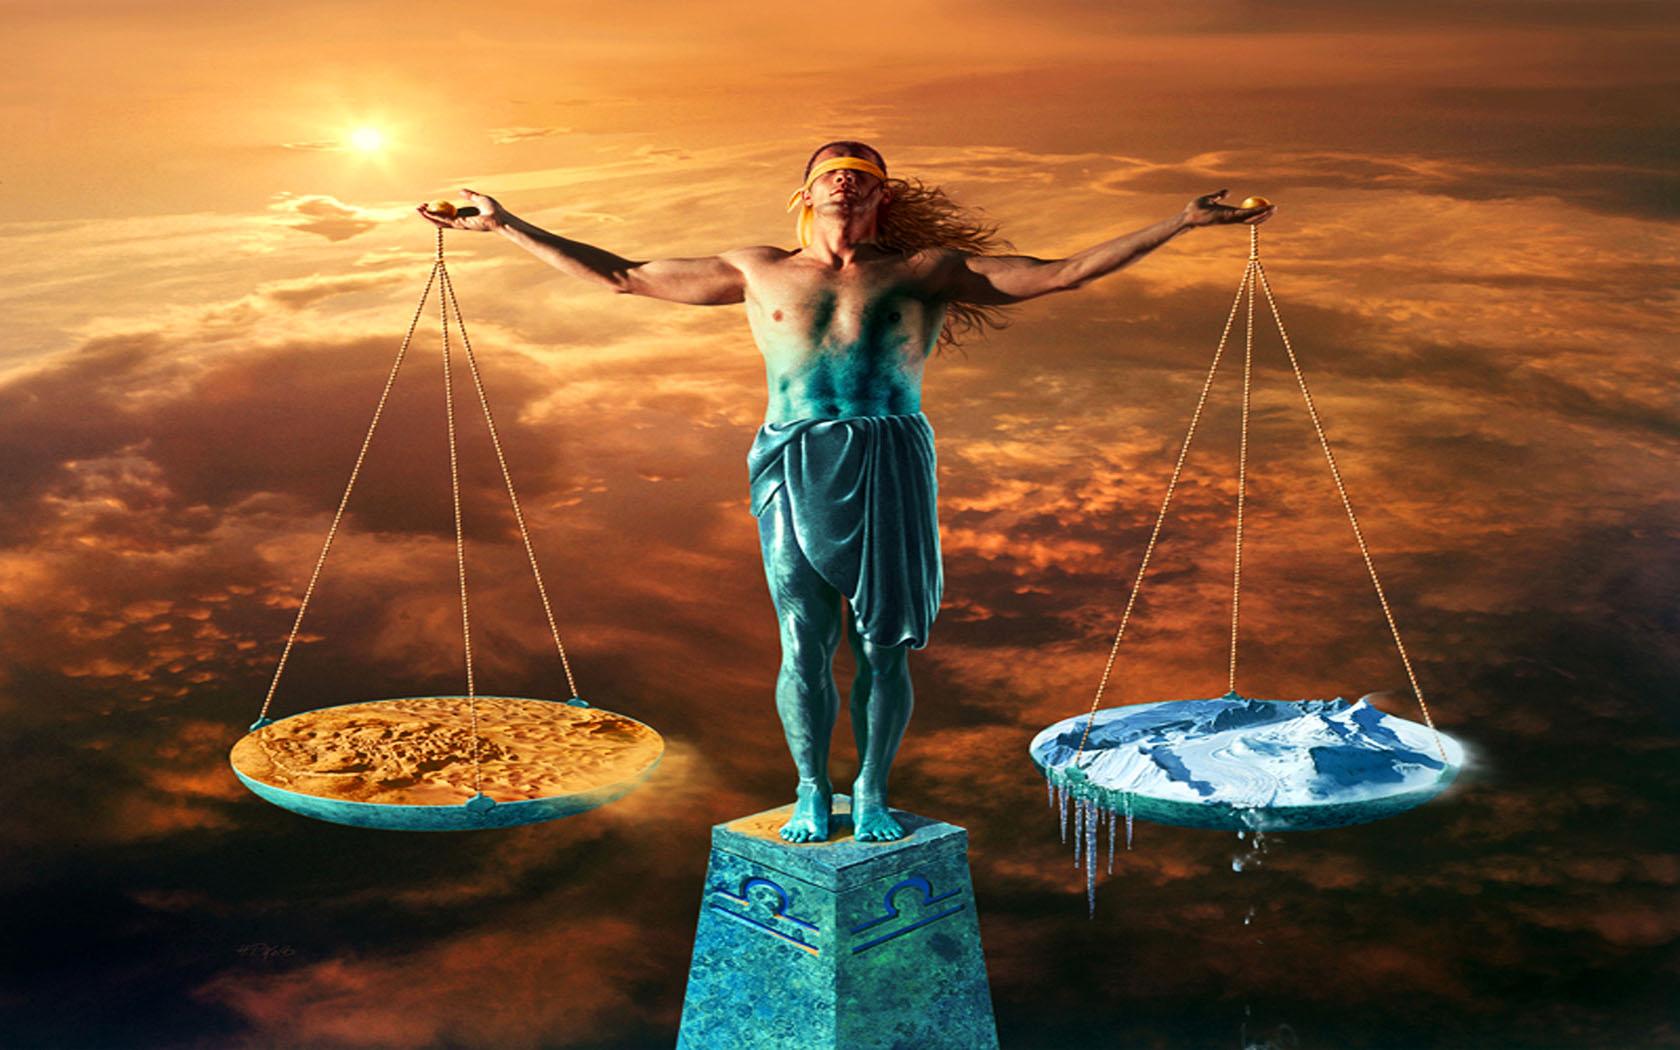 Что такое карма человека? как узнать и изменить карму?